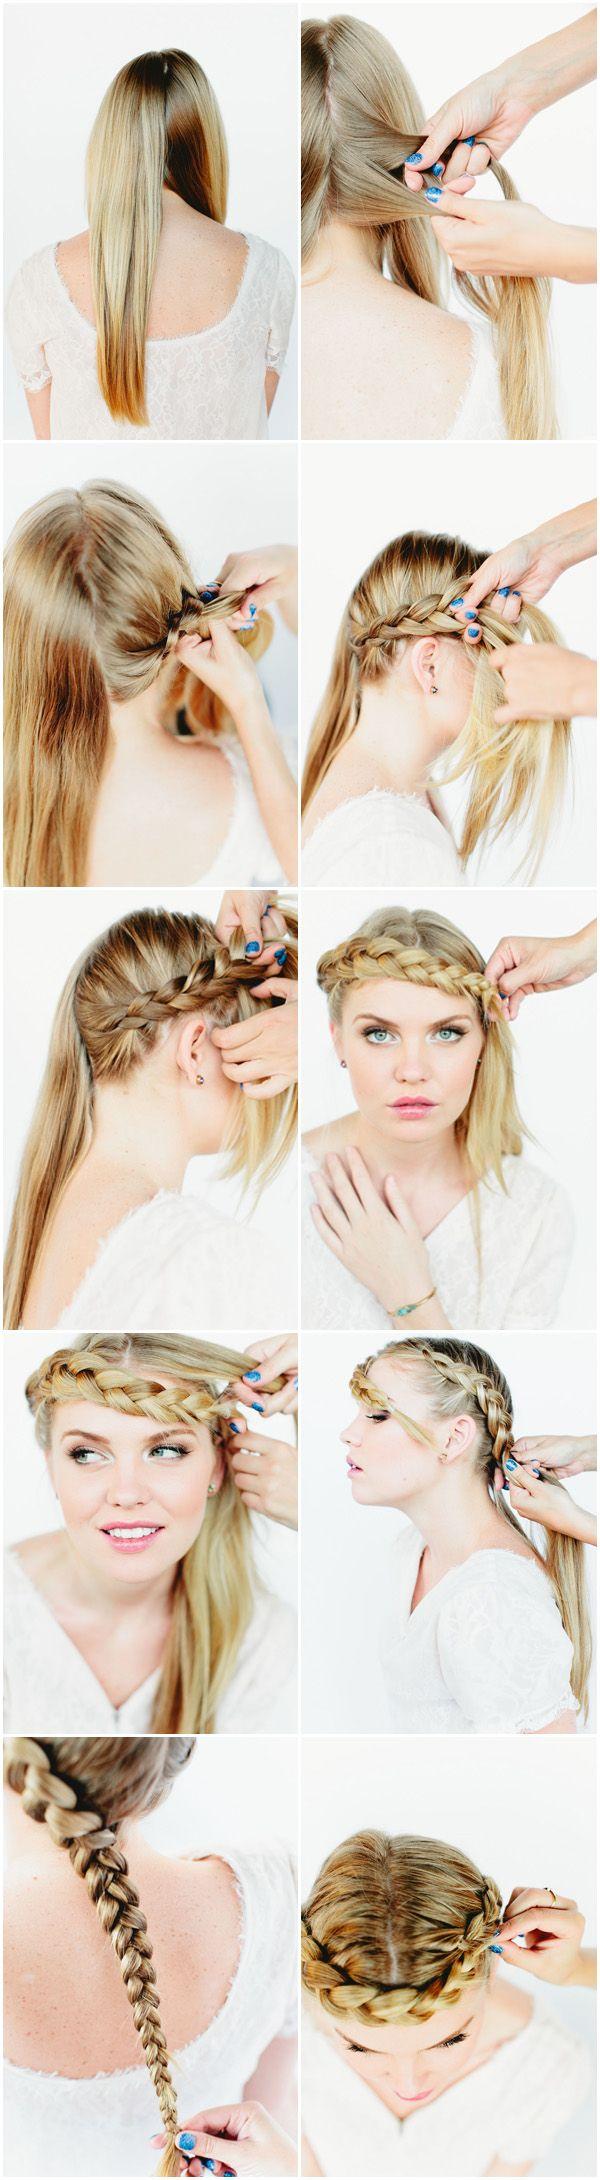 Um penteado supercharmoso para você divar essa noite! ;) #hairstyle #hair #diy #tutorial